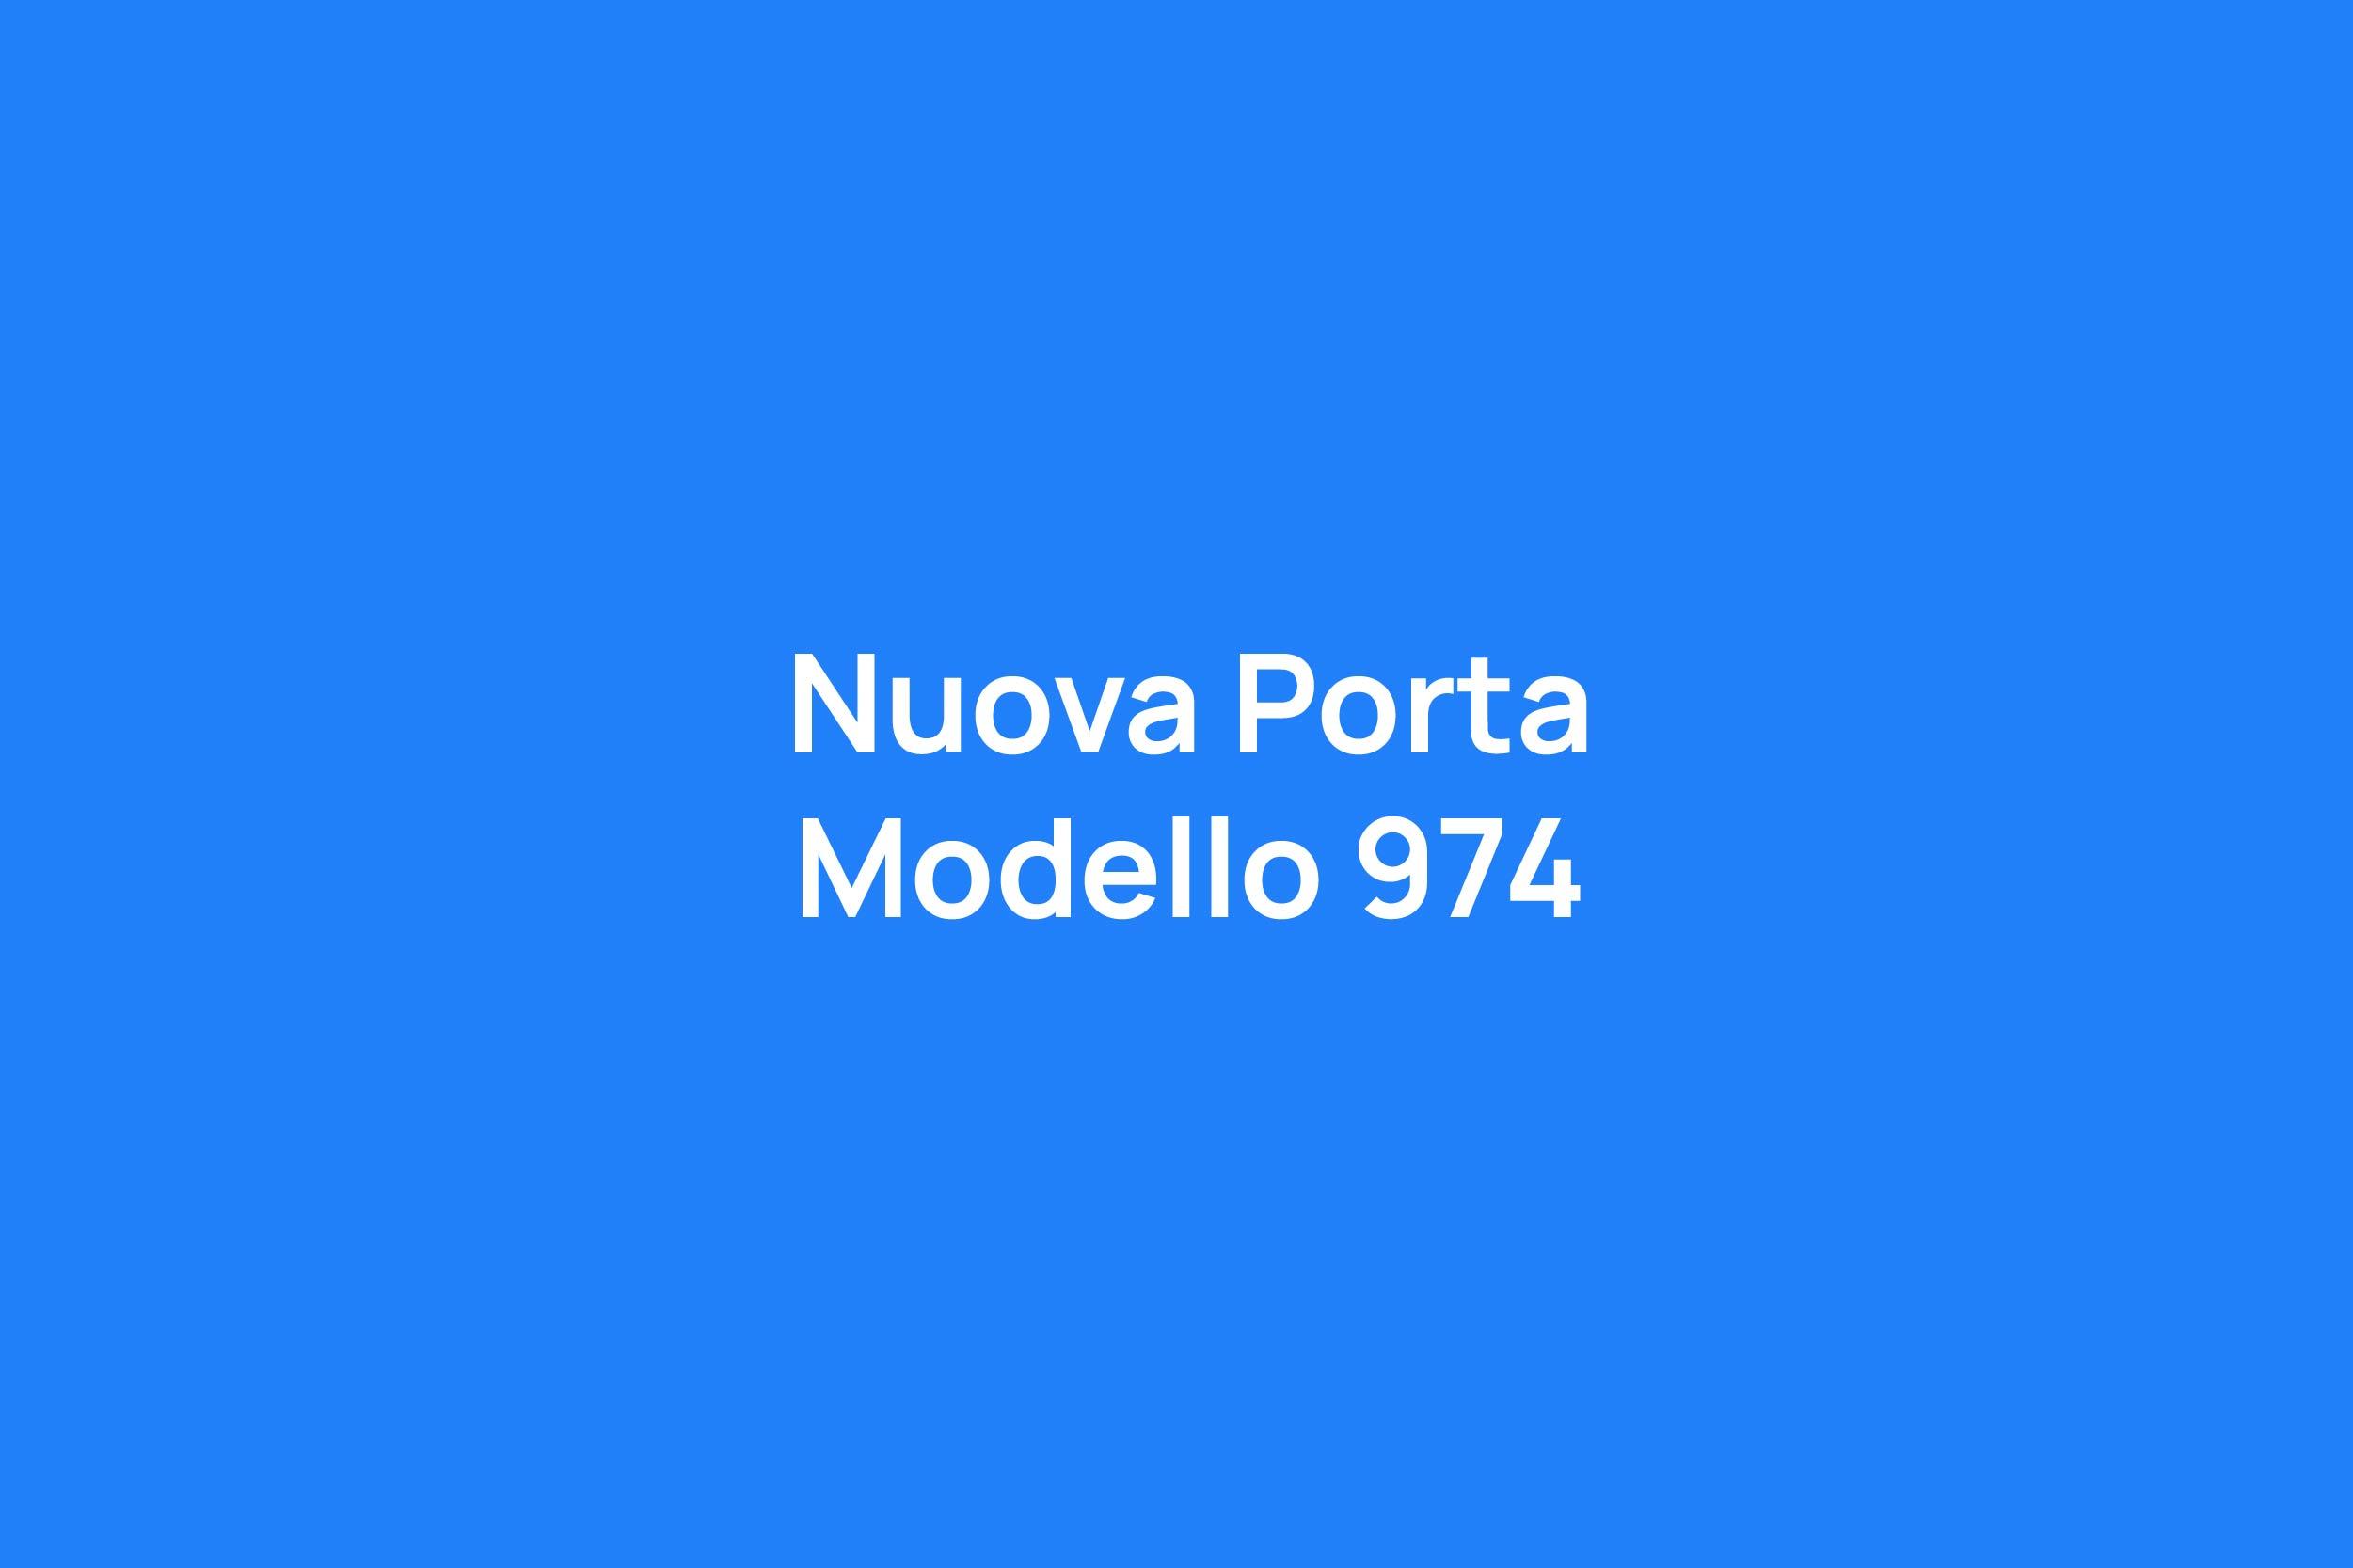 Porta Modello 974